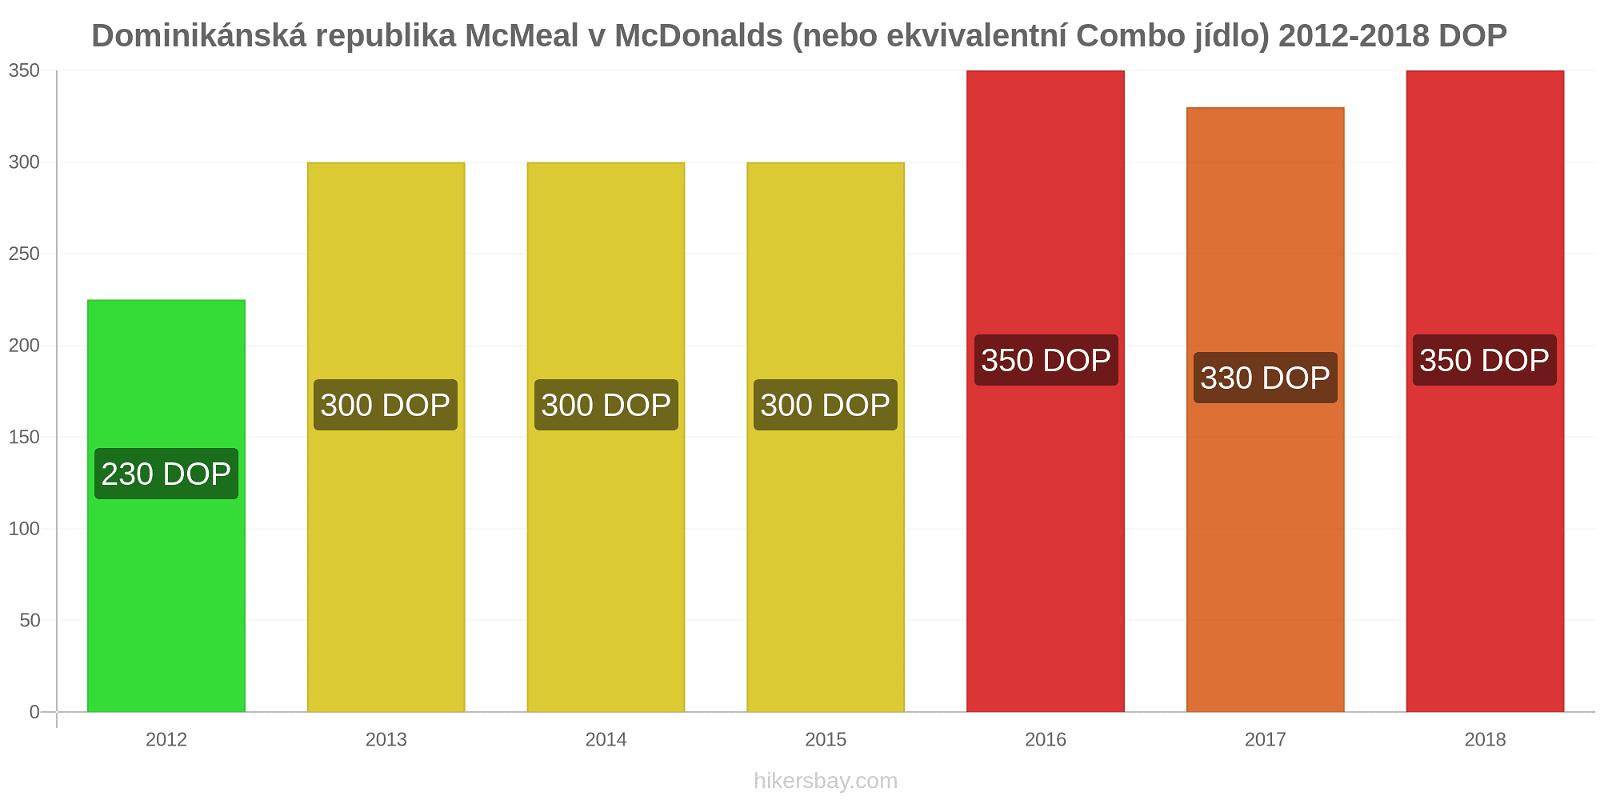 Dominikánská republika změny cen McMeal v McDonalds (nebo ekvivalentní Combo jídlo) hikersbay.com